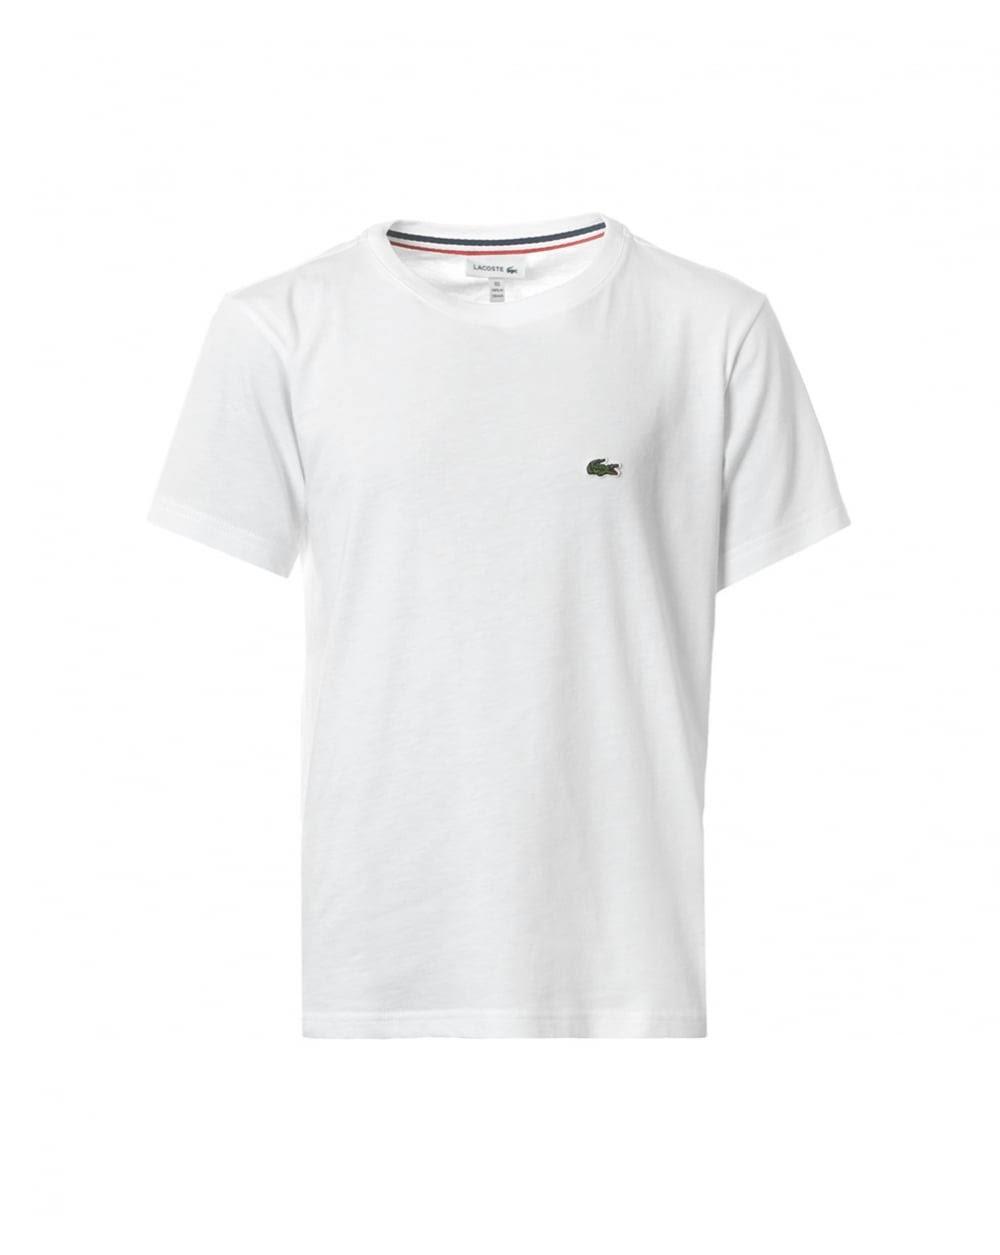 De Blanca Camiseta Lacoste Boys Algodón qtpw7xW4F